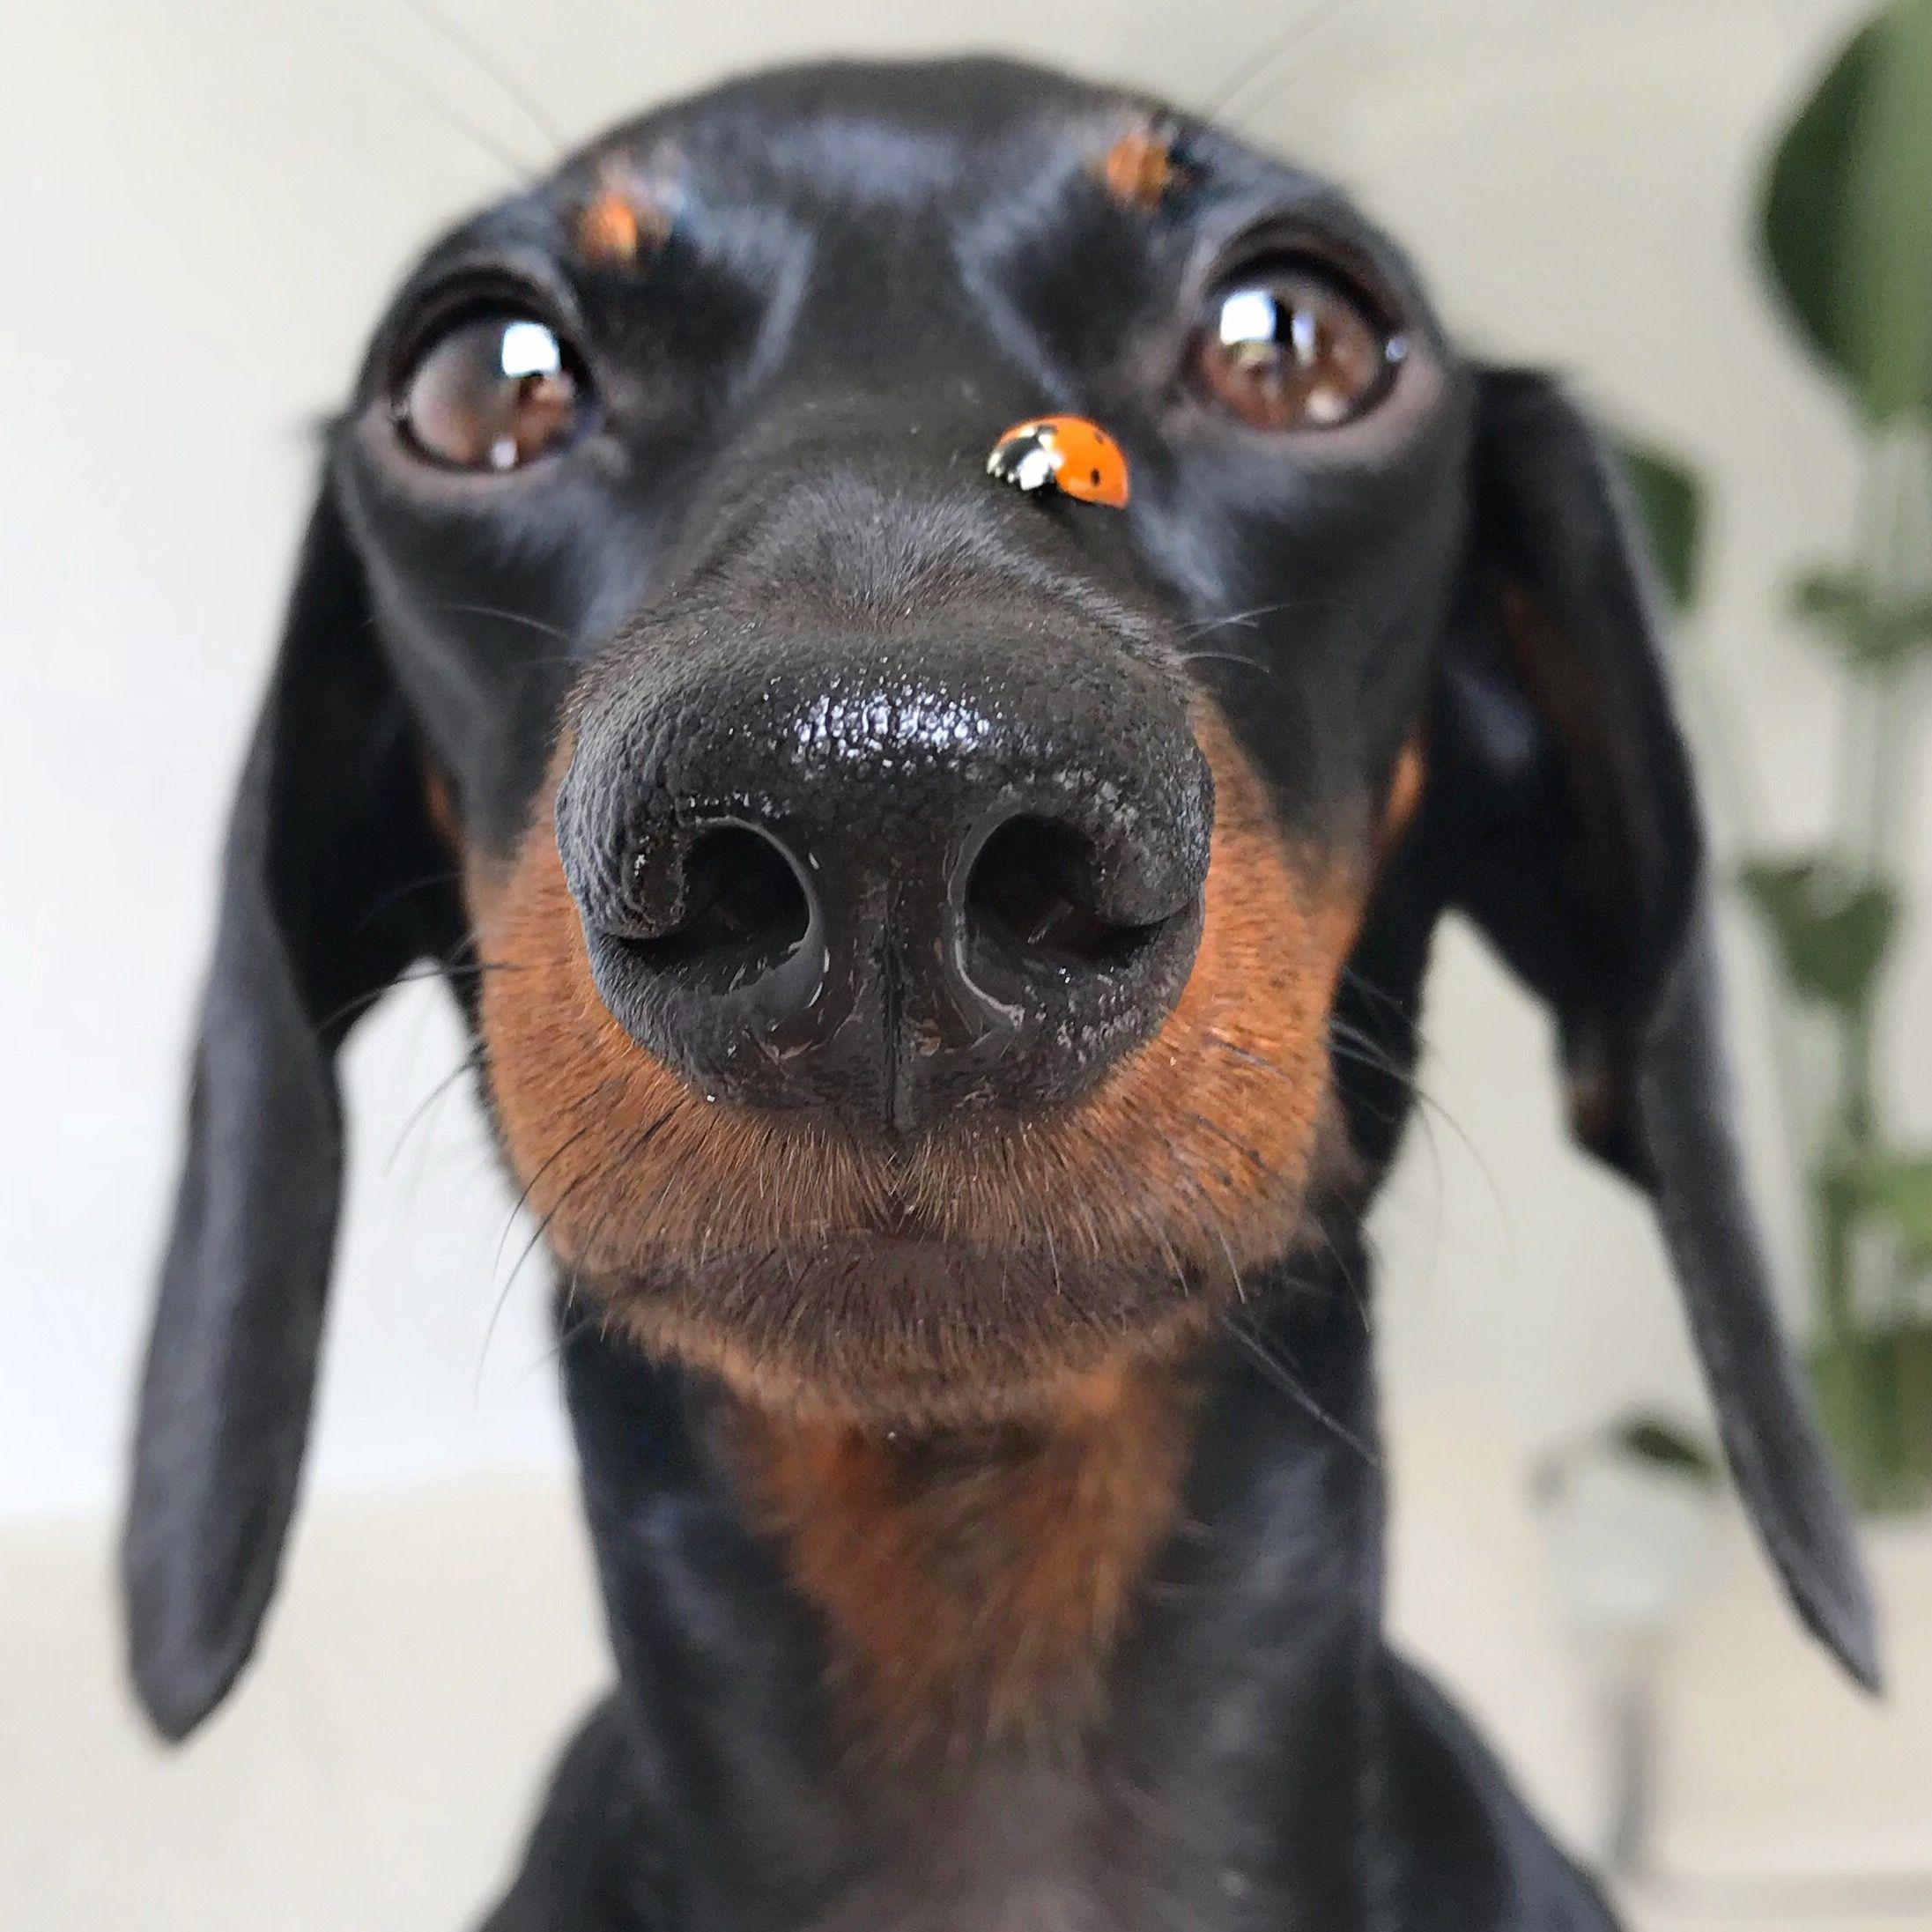 Cute Dachshund With A Ladybug On Its Nose Dachshund Weenie